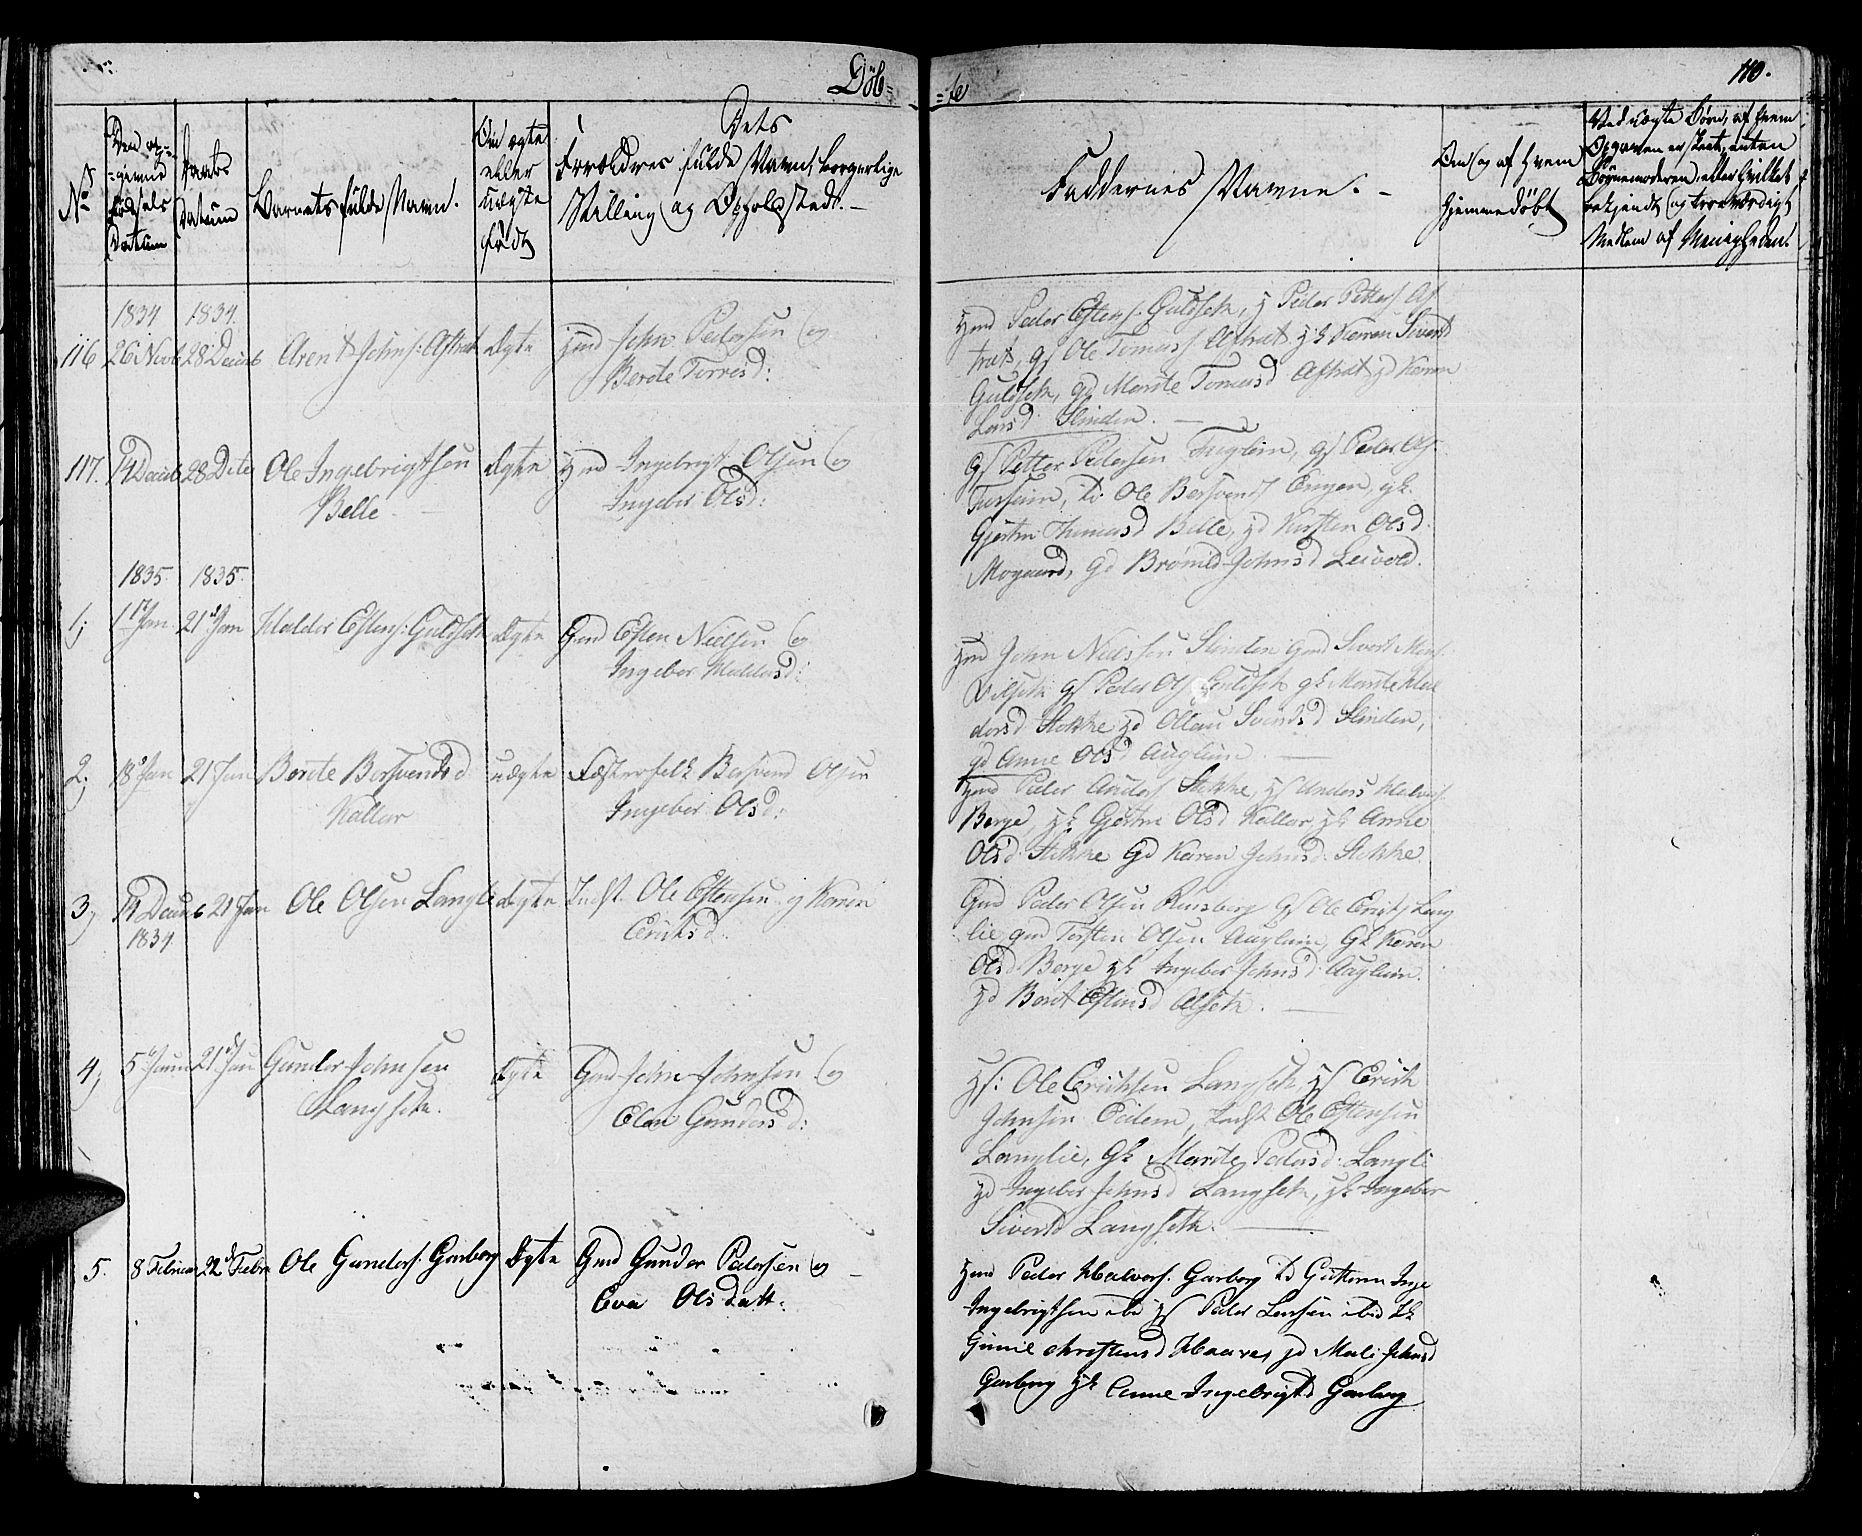 SAT, Ministerialprotokoller, klokkerbøker og fødselsregistre - Sør-Trøndelag, 695/L1143: Ministerialbok nr. 695A05 /1, 1824-1842, s. 110